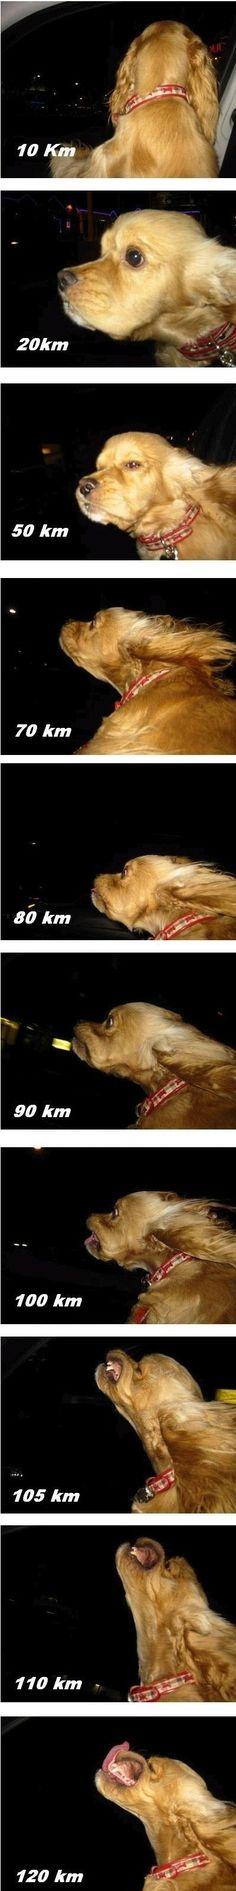 Doggy speedometer